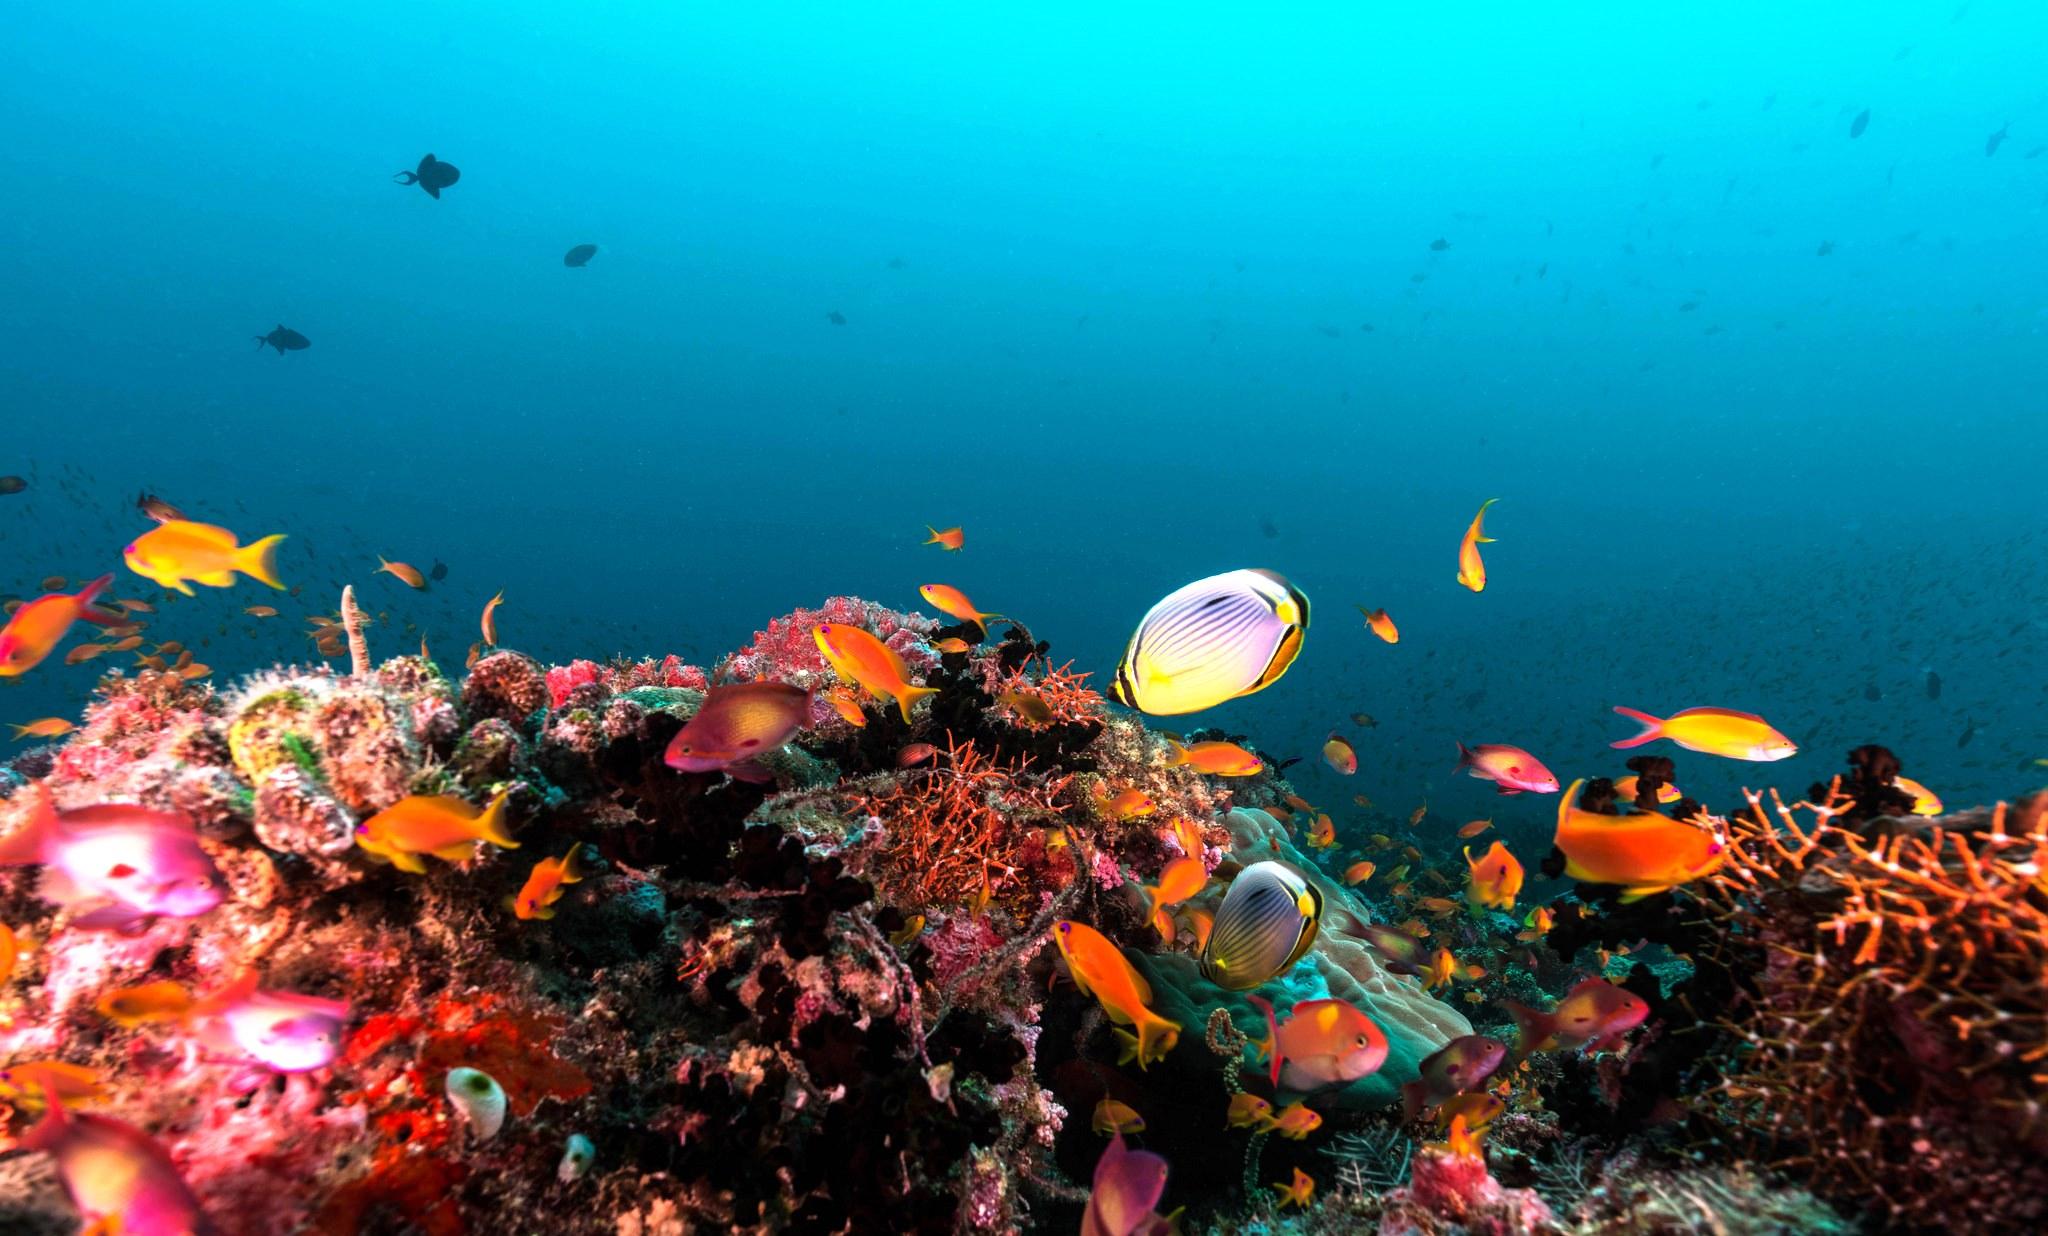 maldives-marine-life-hamaraakhbar